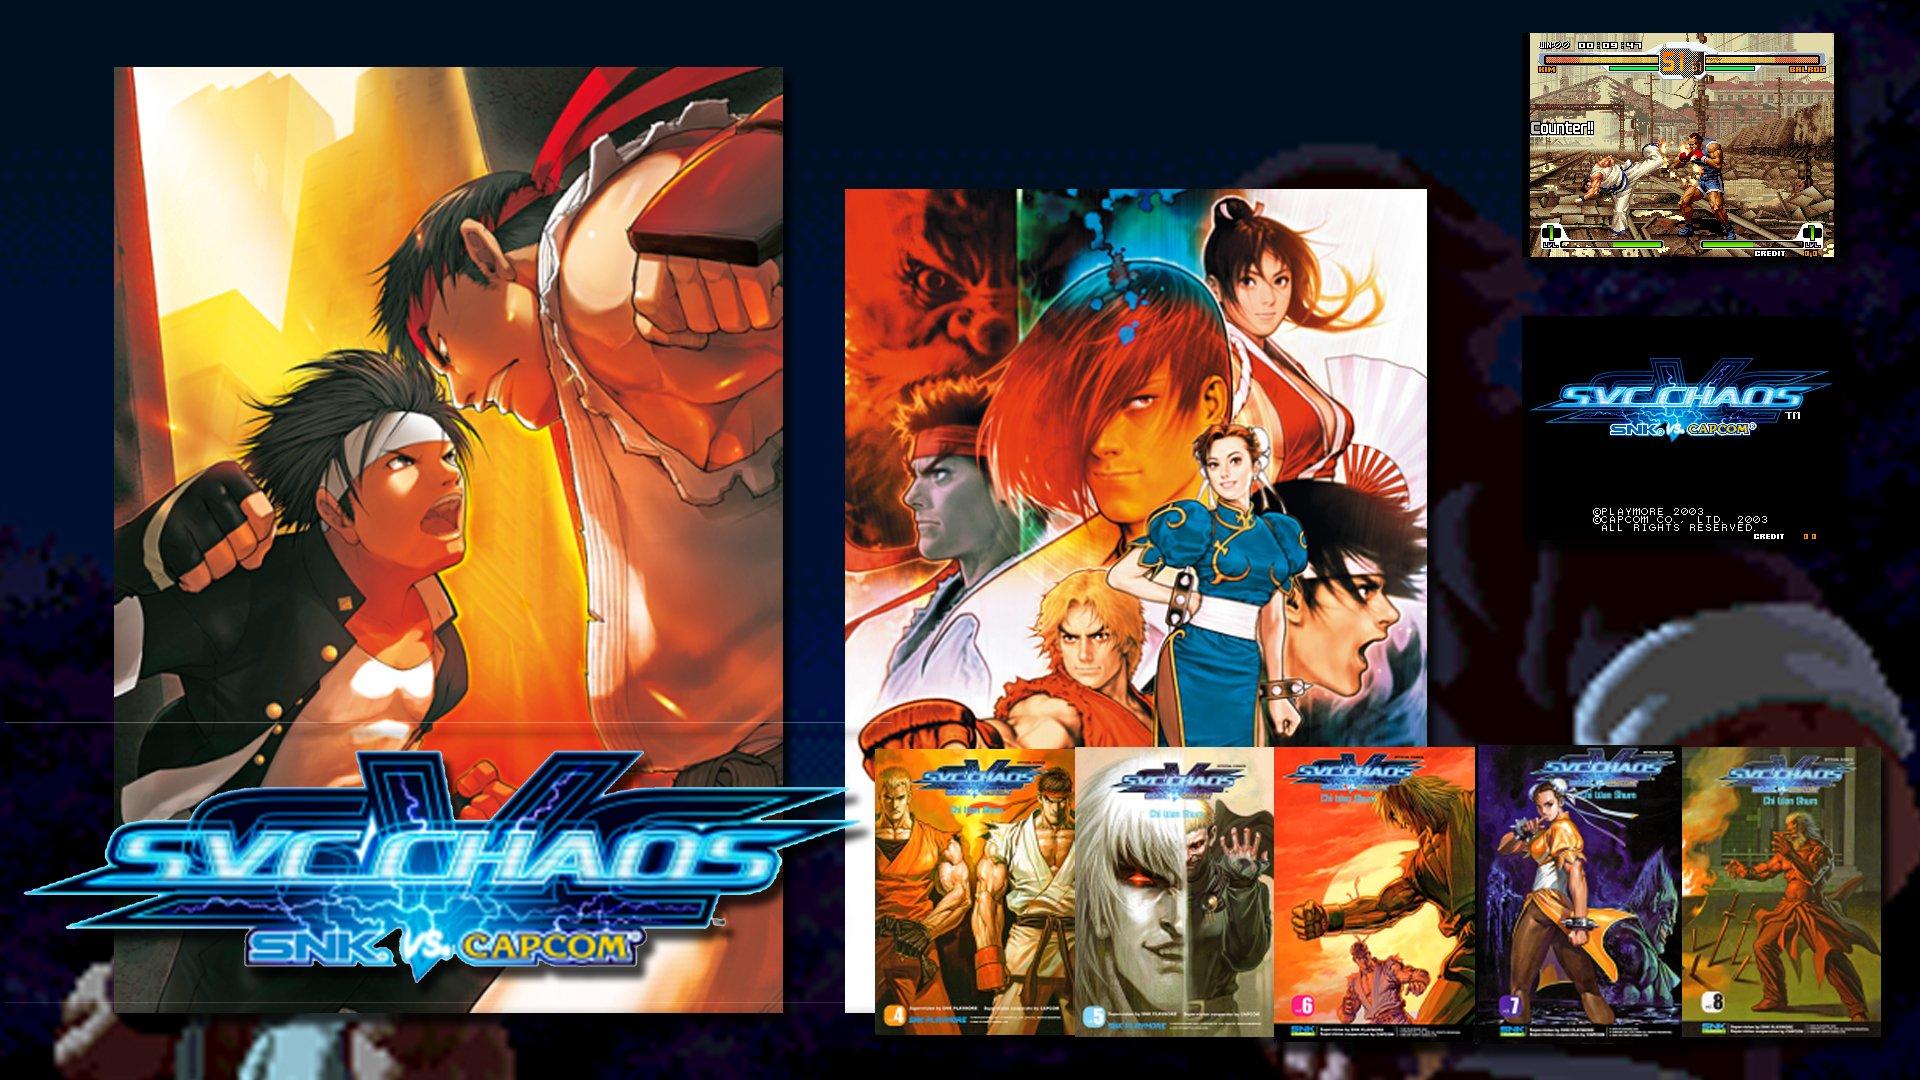 Capcom Vs Snk Hd Wallpaper Background Image 1920x1080 Id